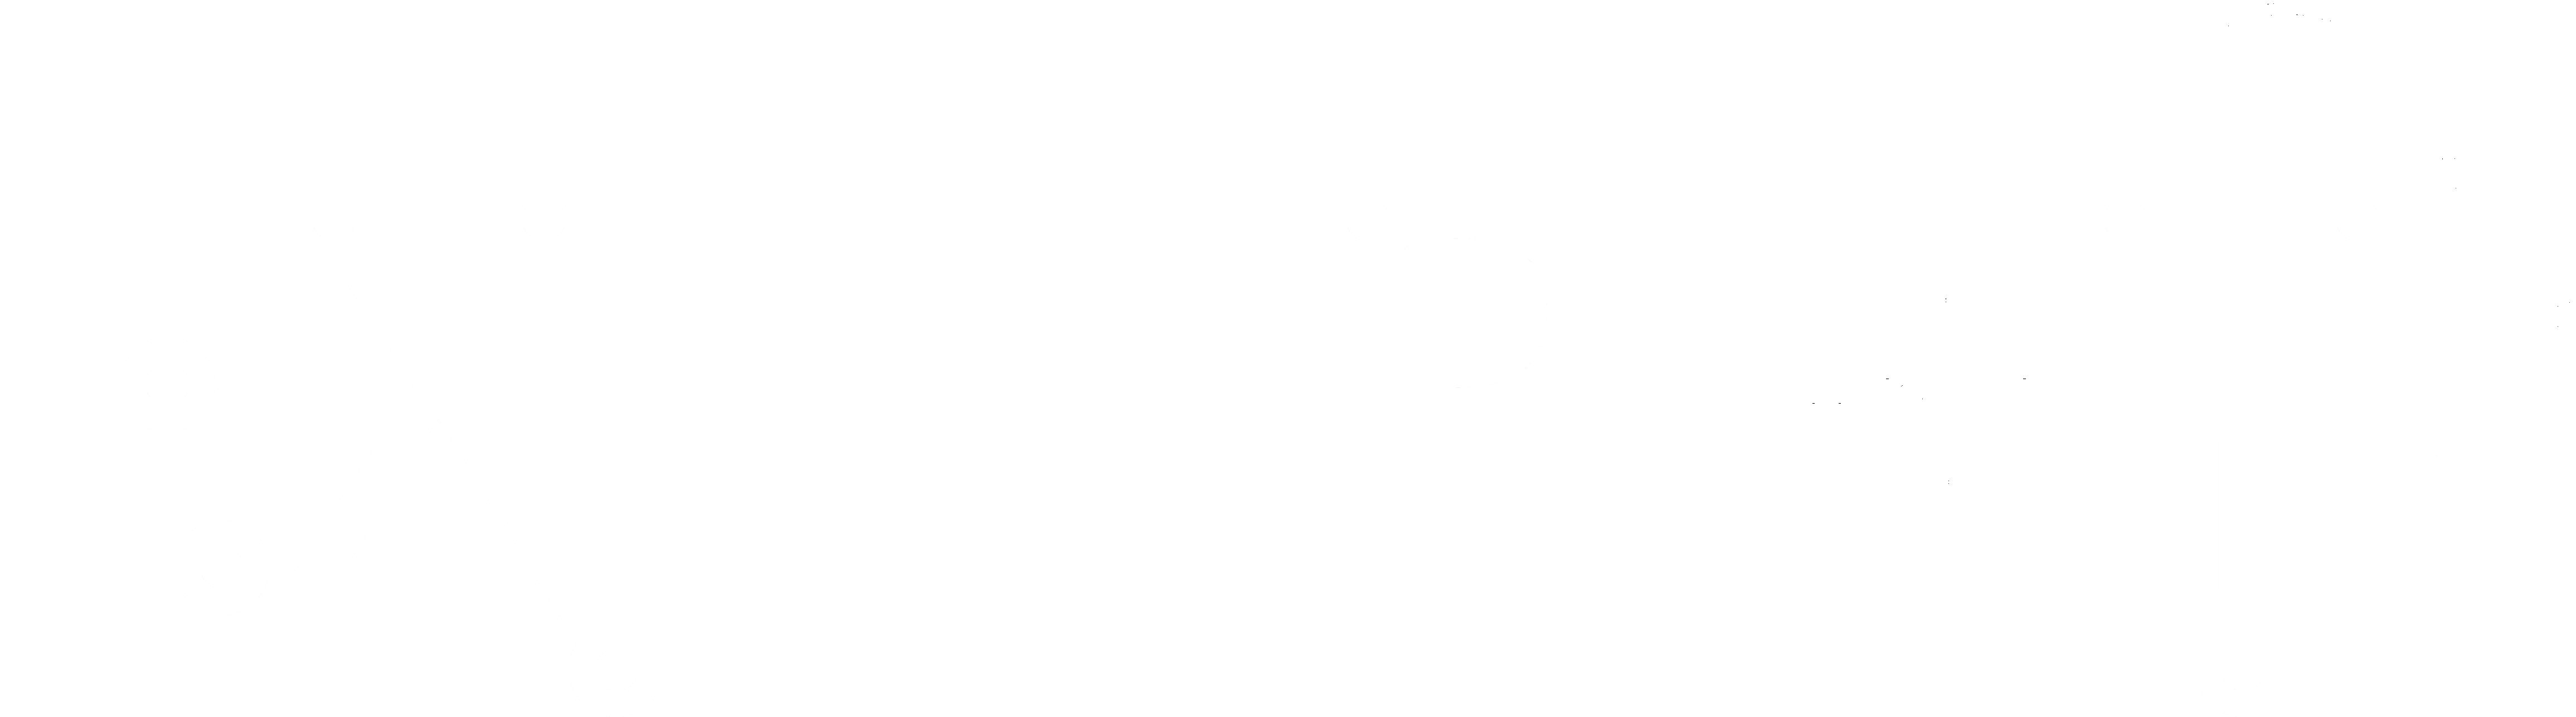 Extergy